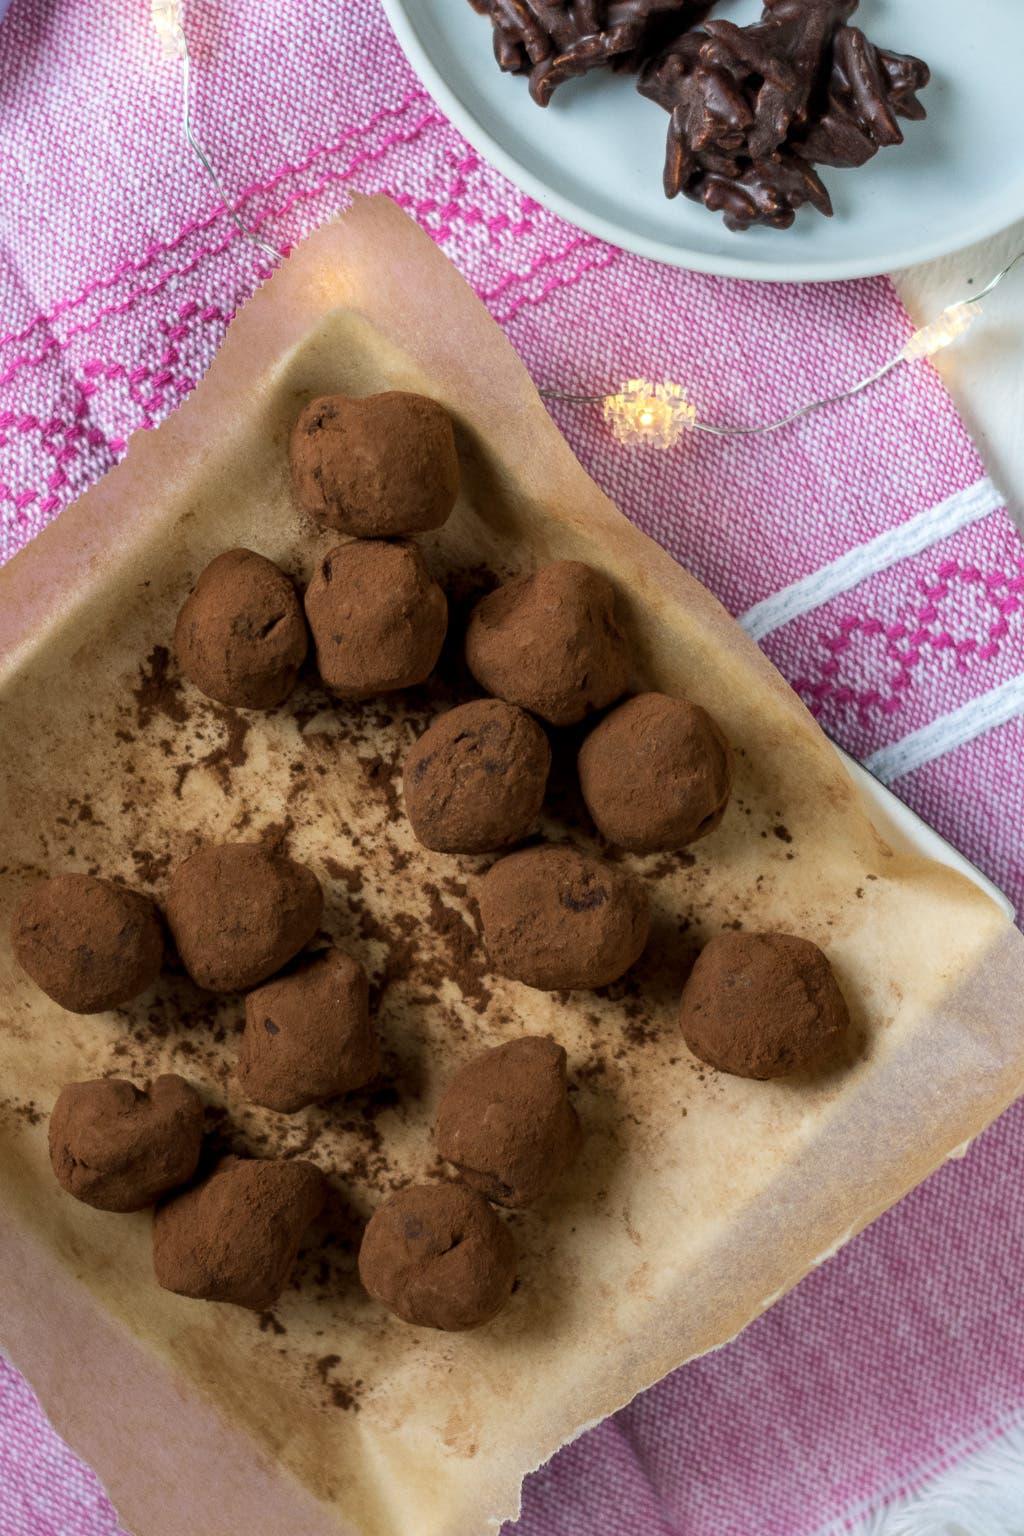 Die drei besten Last Minute Geschenkideen aus Schokolade: Belgische Trüffel mit Muscodavo Zucker